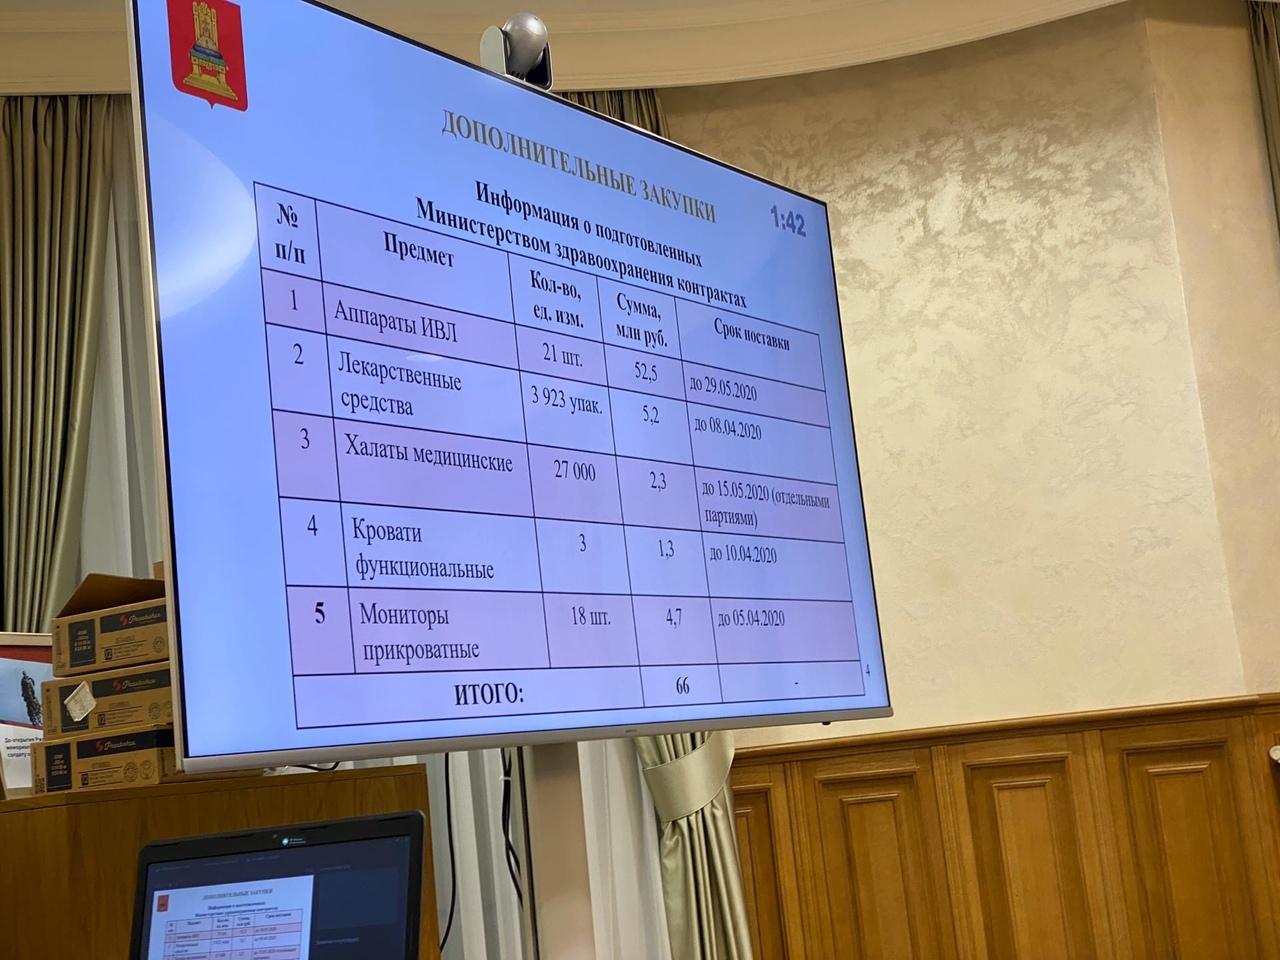 В Твери приняли меры по предупреждению распространения новой коронавирусной инфекции